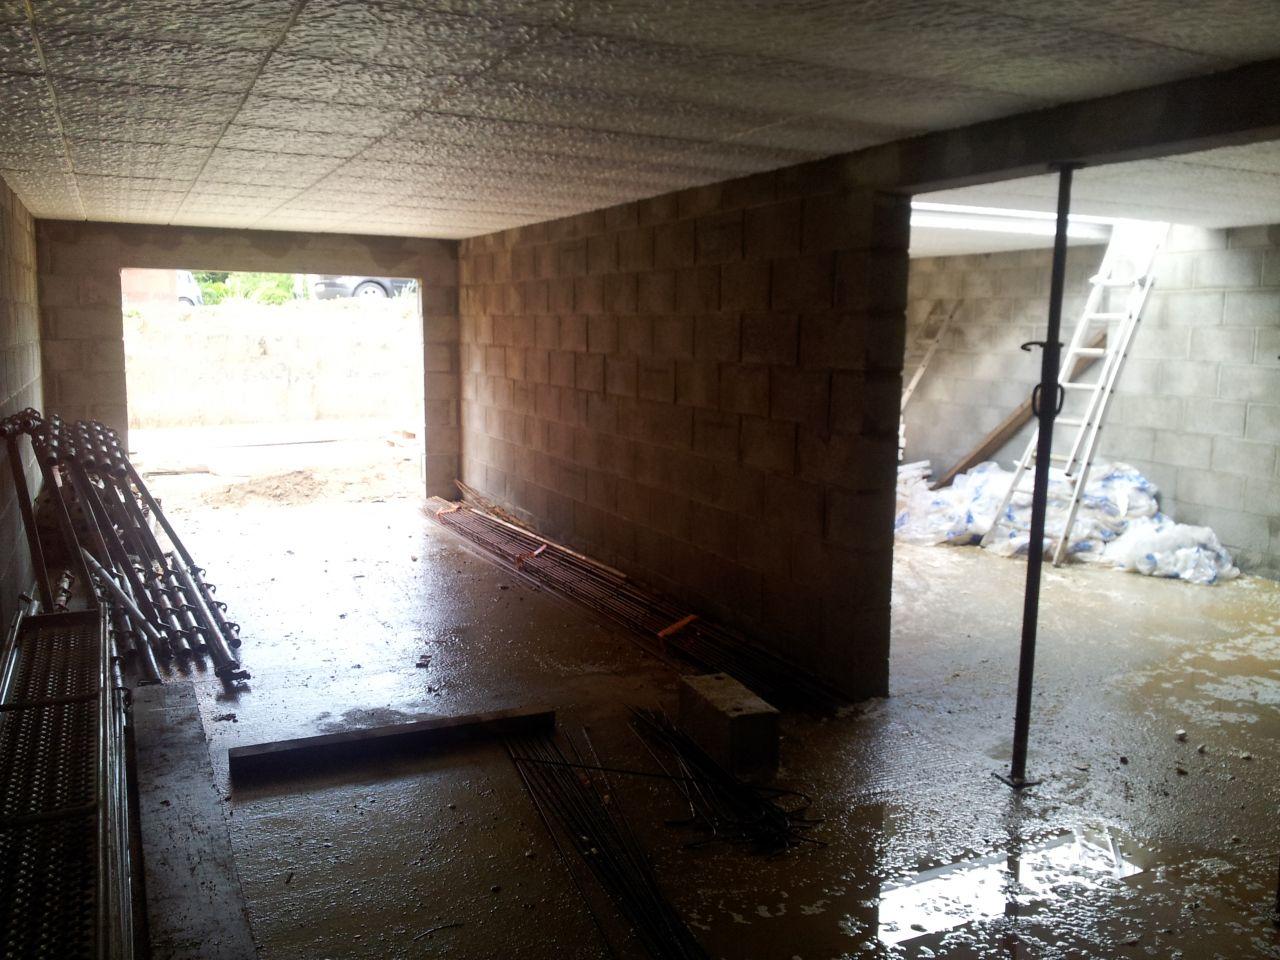 Sous-sol: Préparation pour la dalle du RDC.